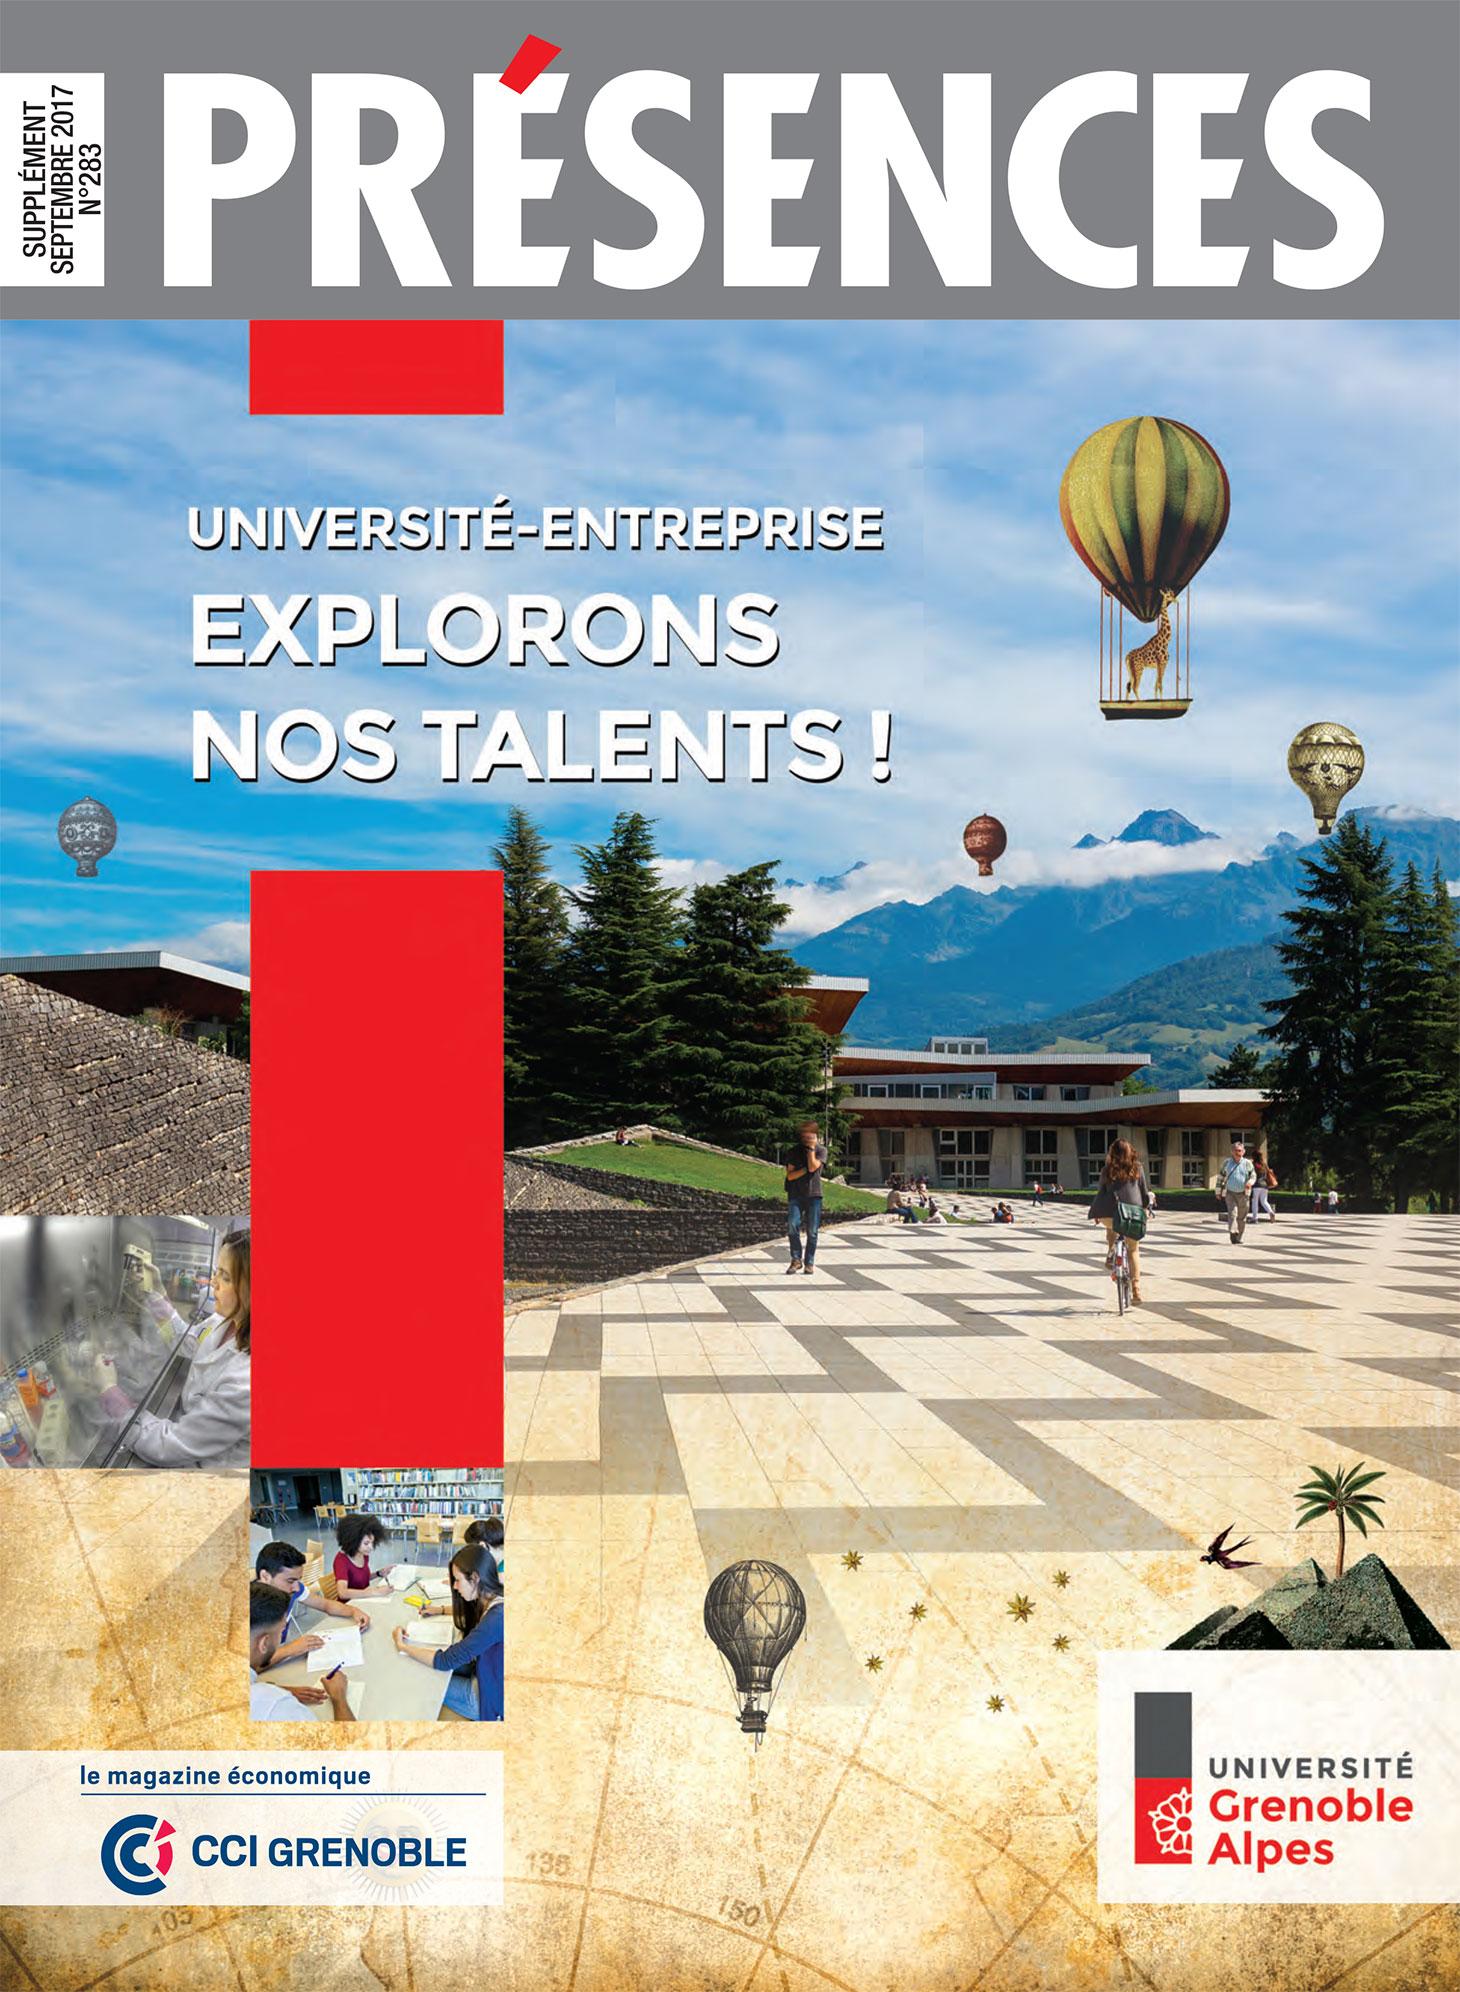 La couverture du magazine Présences